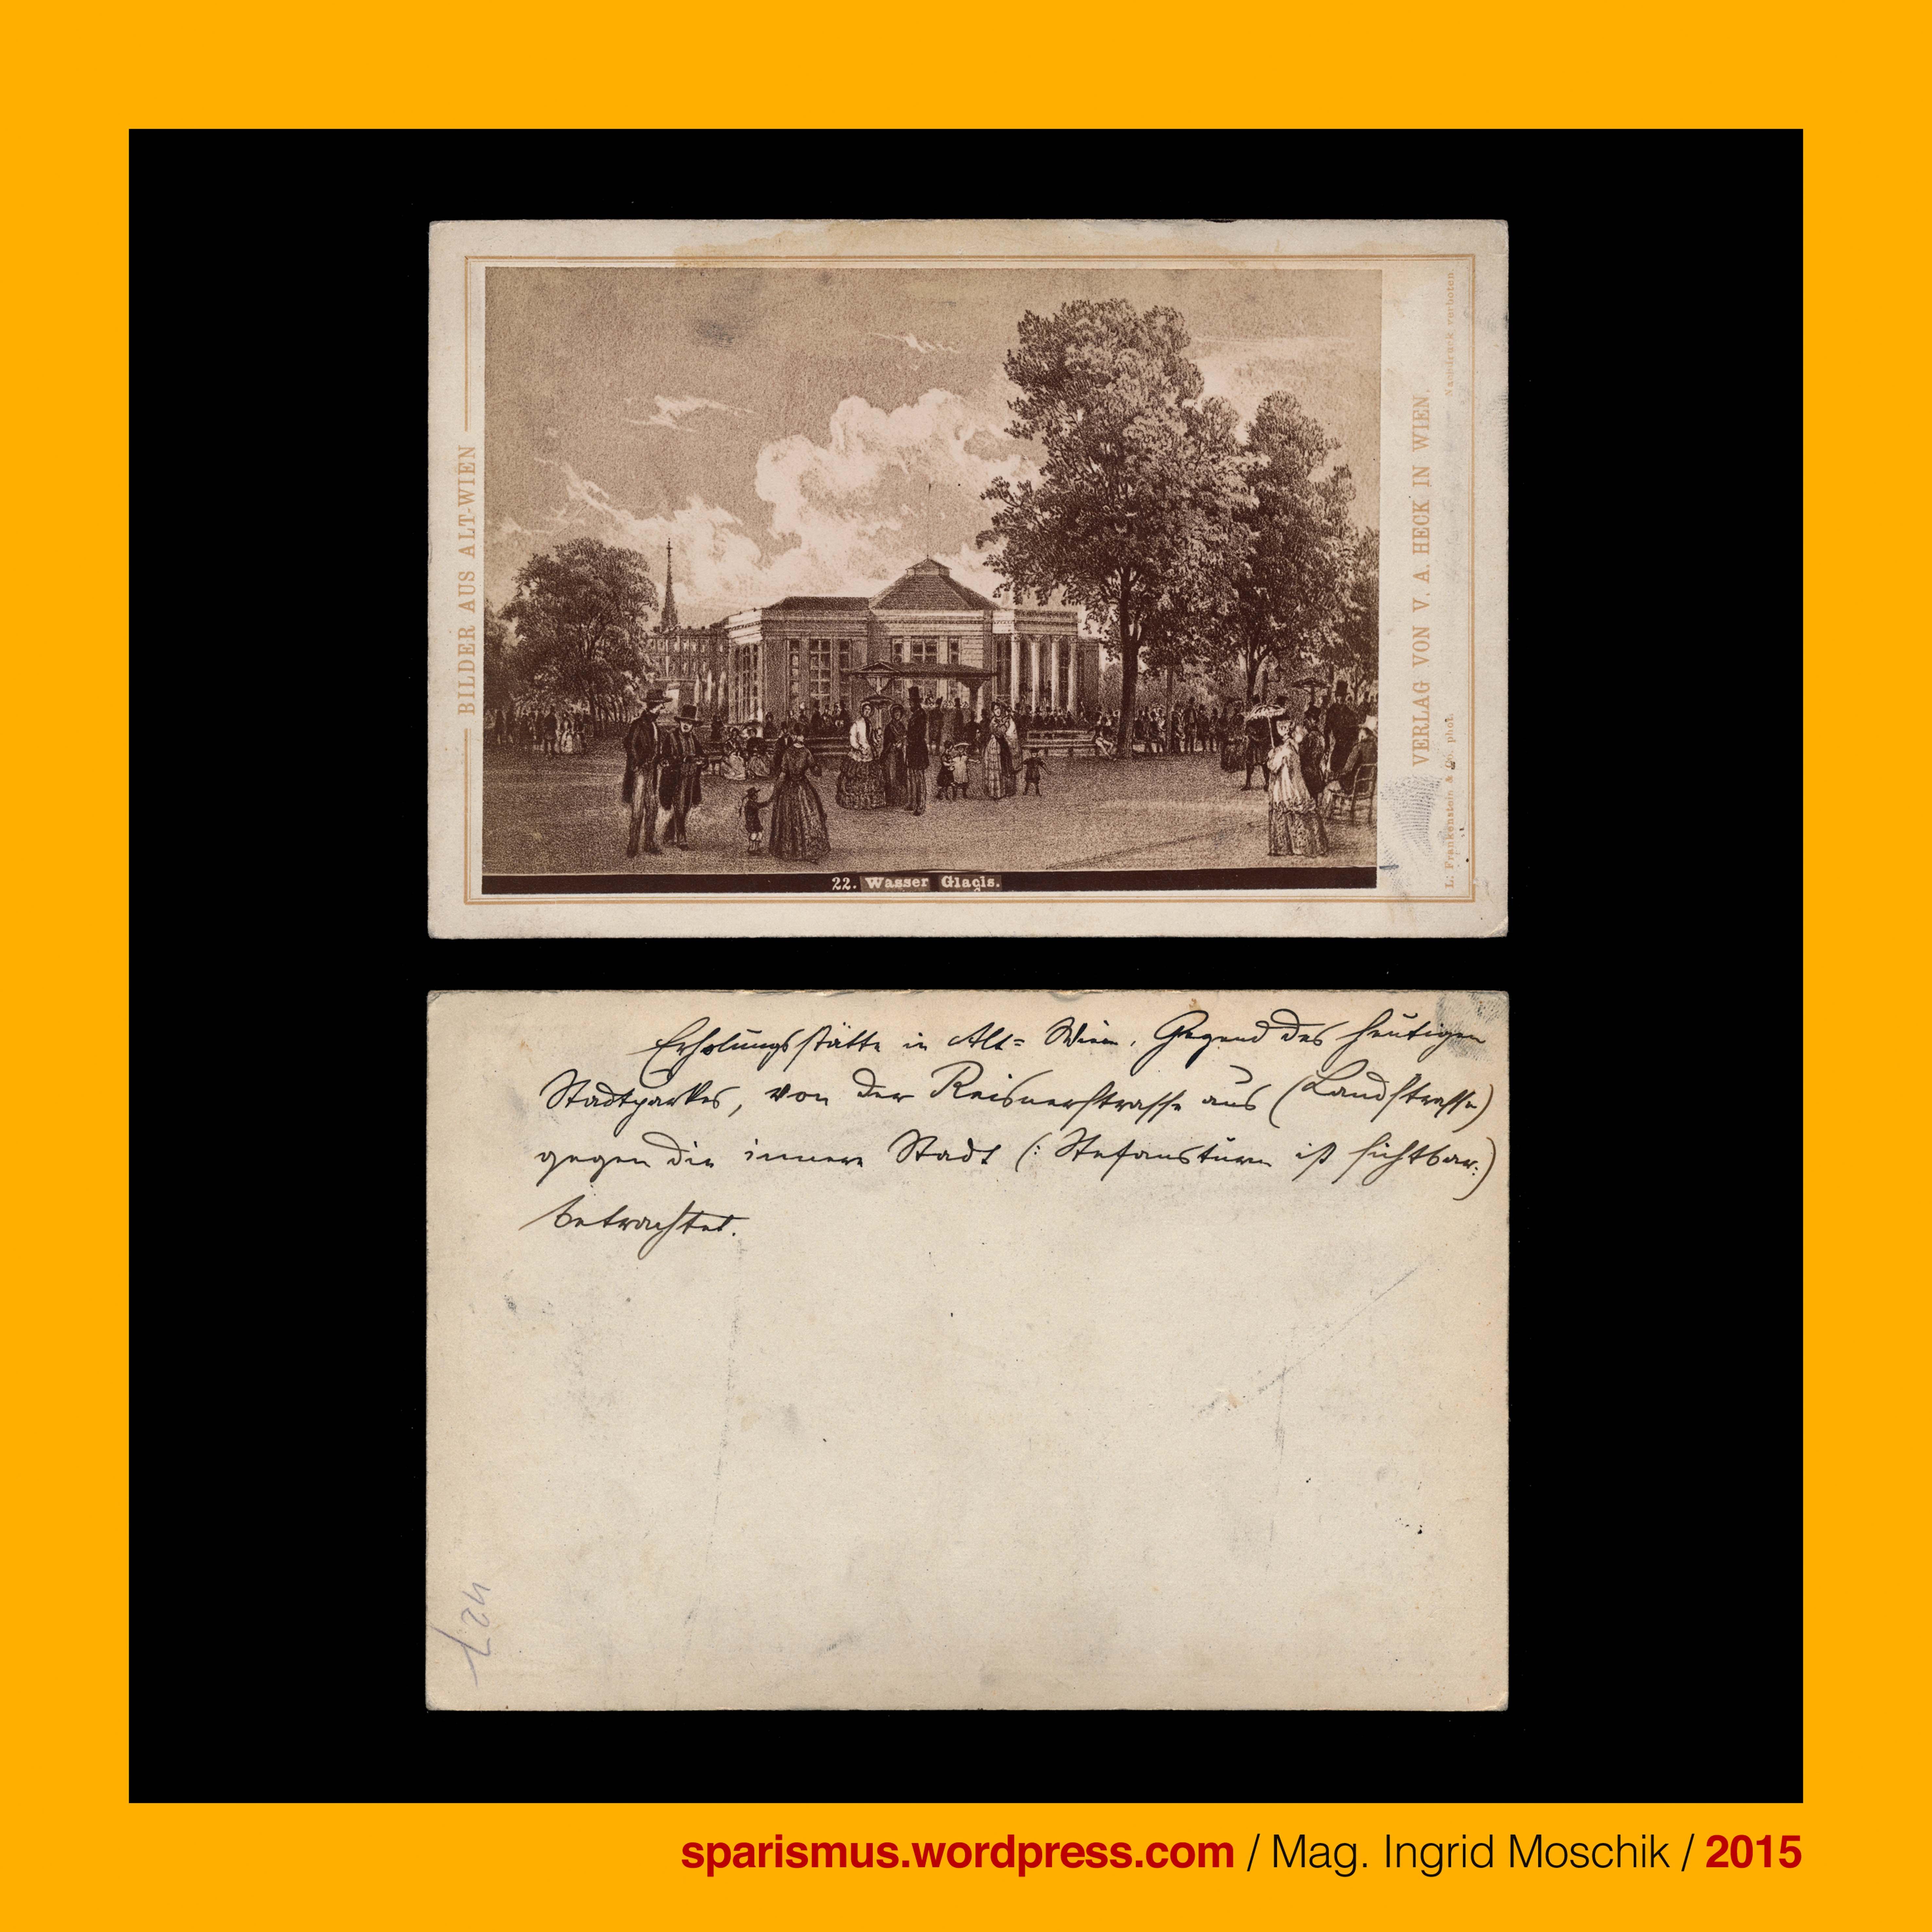 Verlag V A Heck 1877 AltWien 22 Wasserglacis vor dem